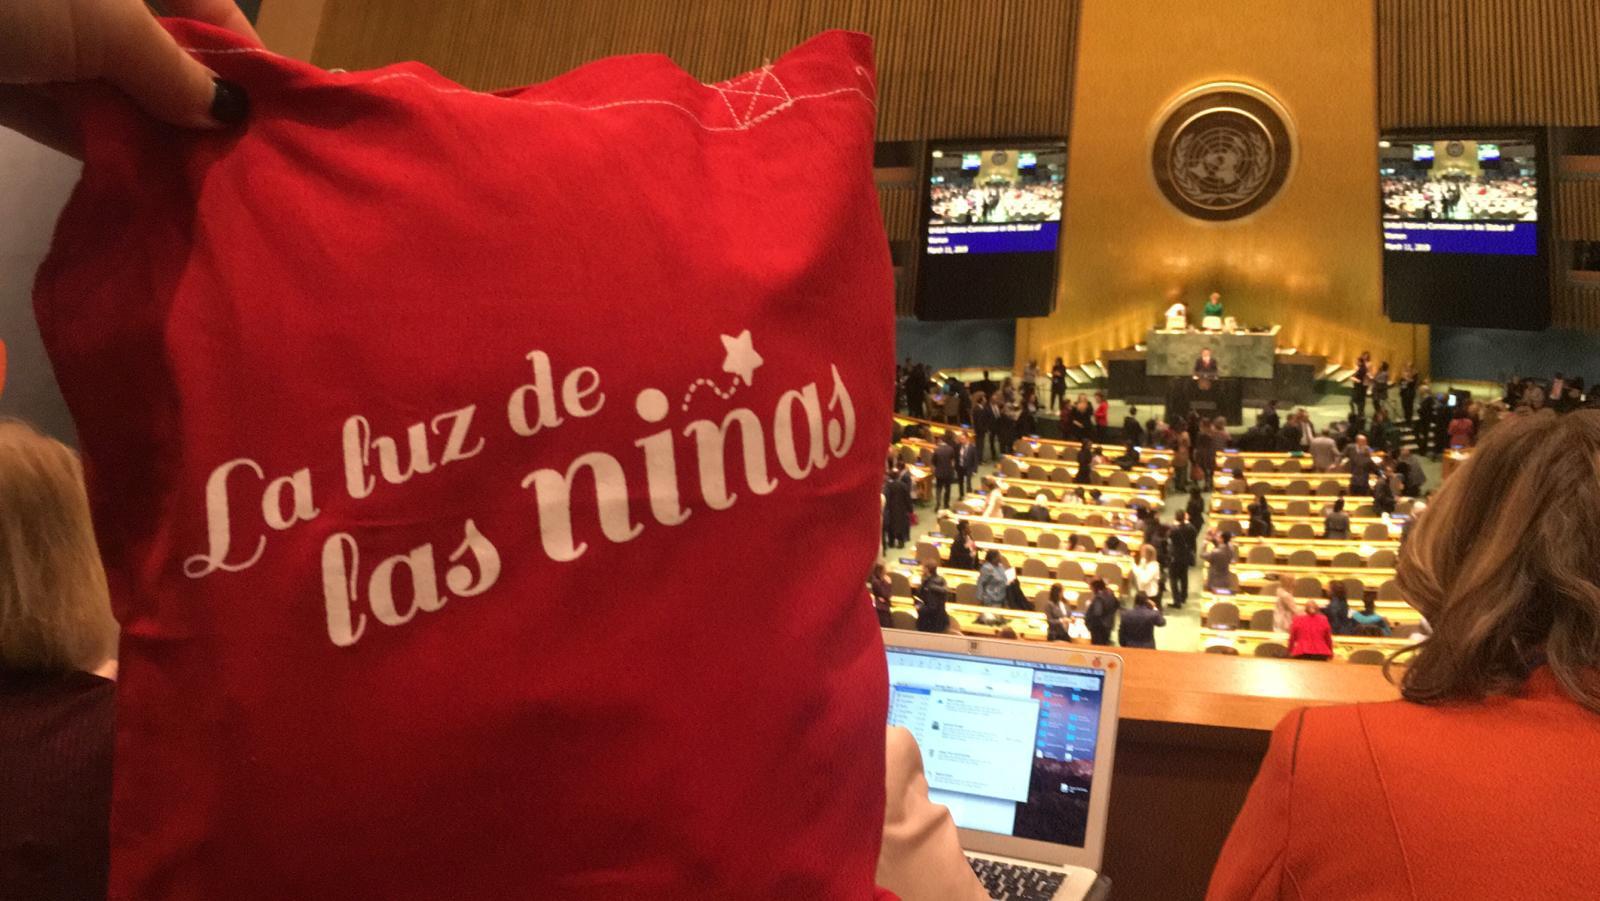 LA LUZ DE LAS NIÑAS AT THE UNITED NATIONS